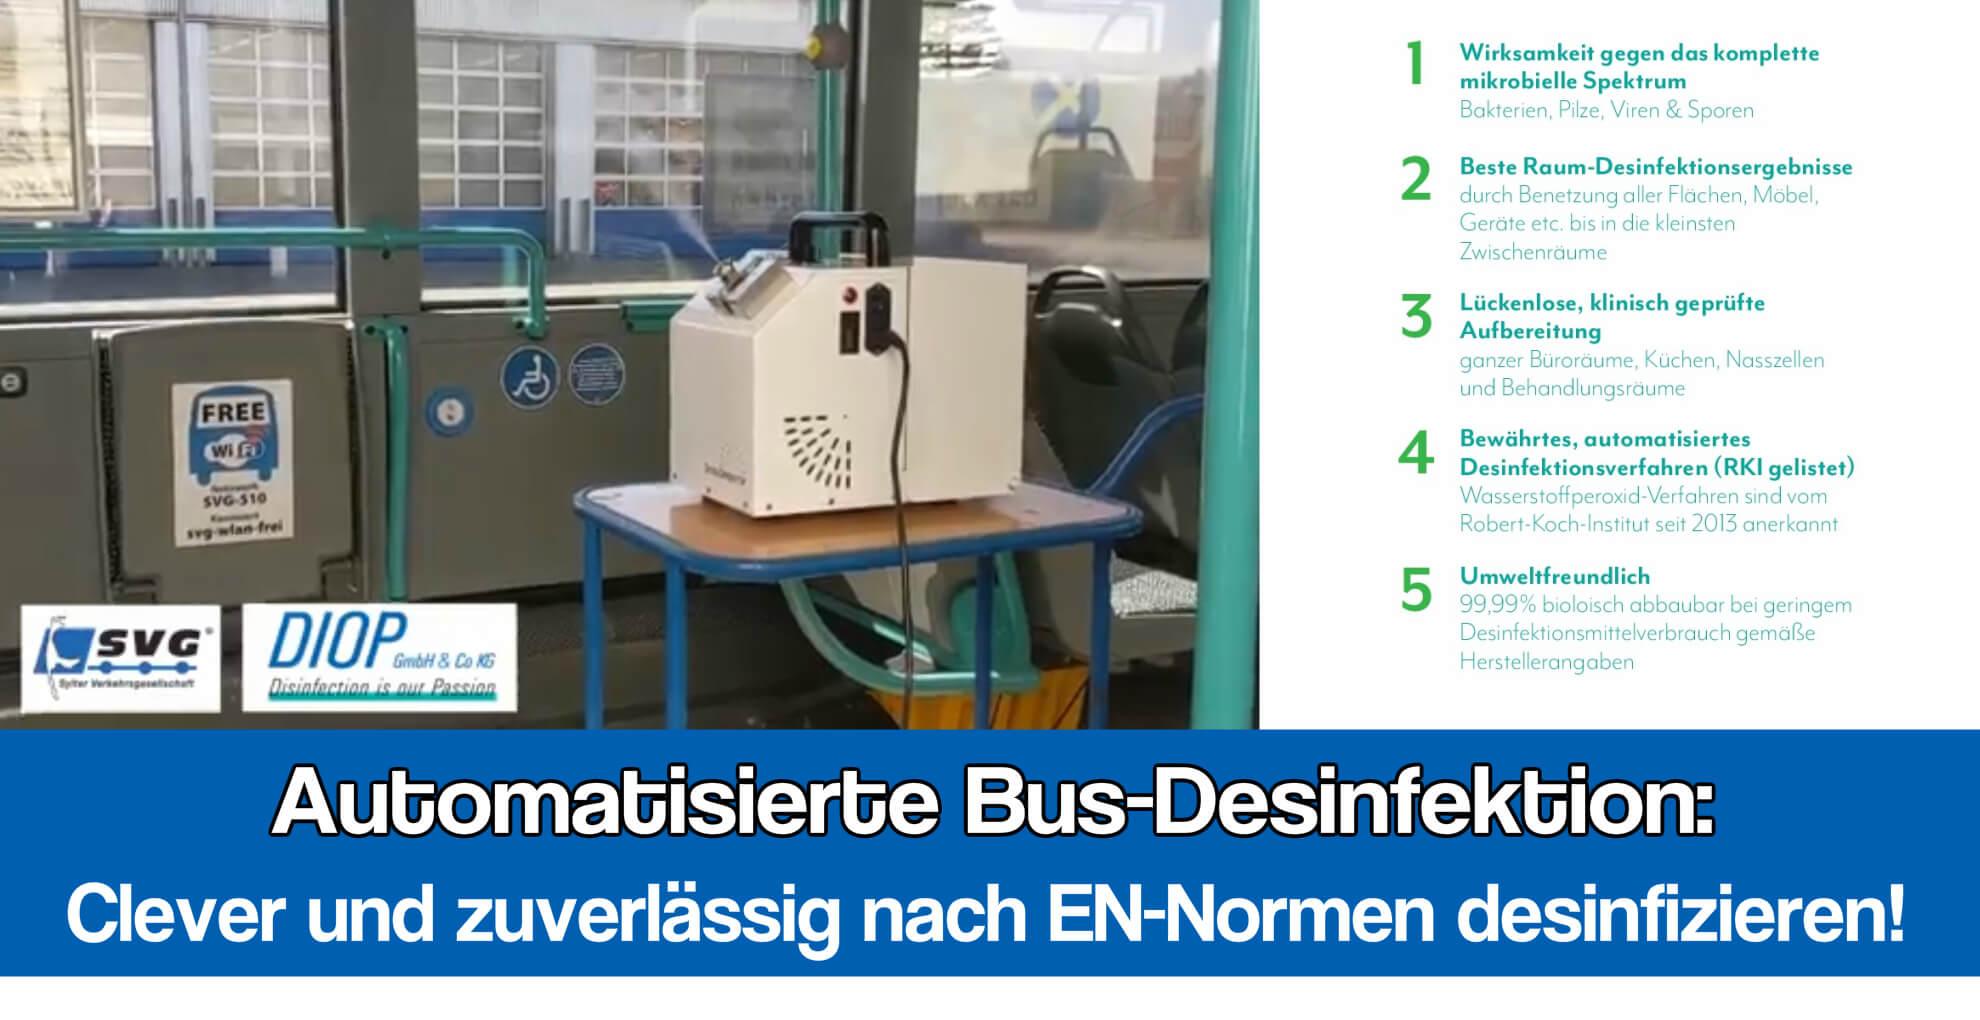 Bus Desinfektion